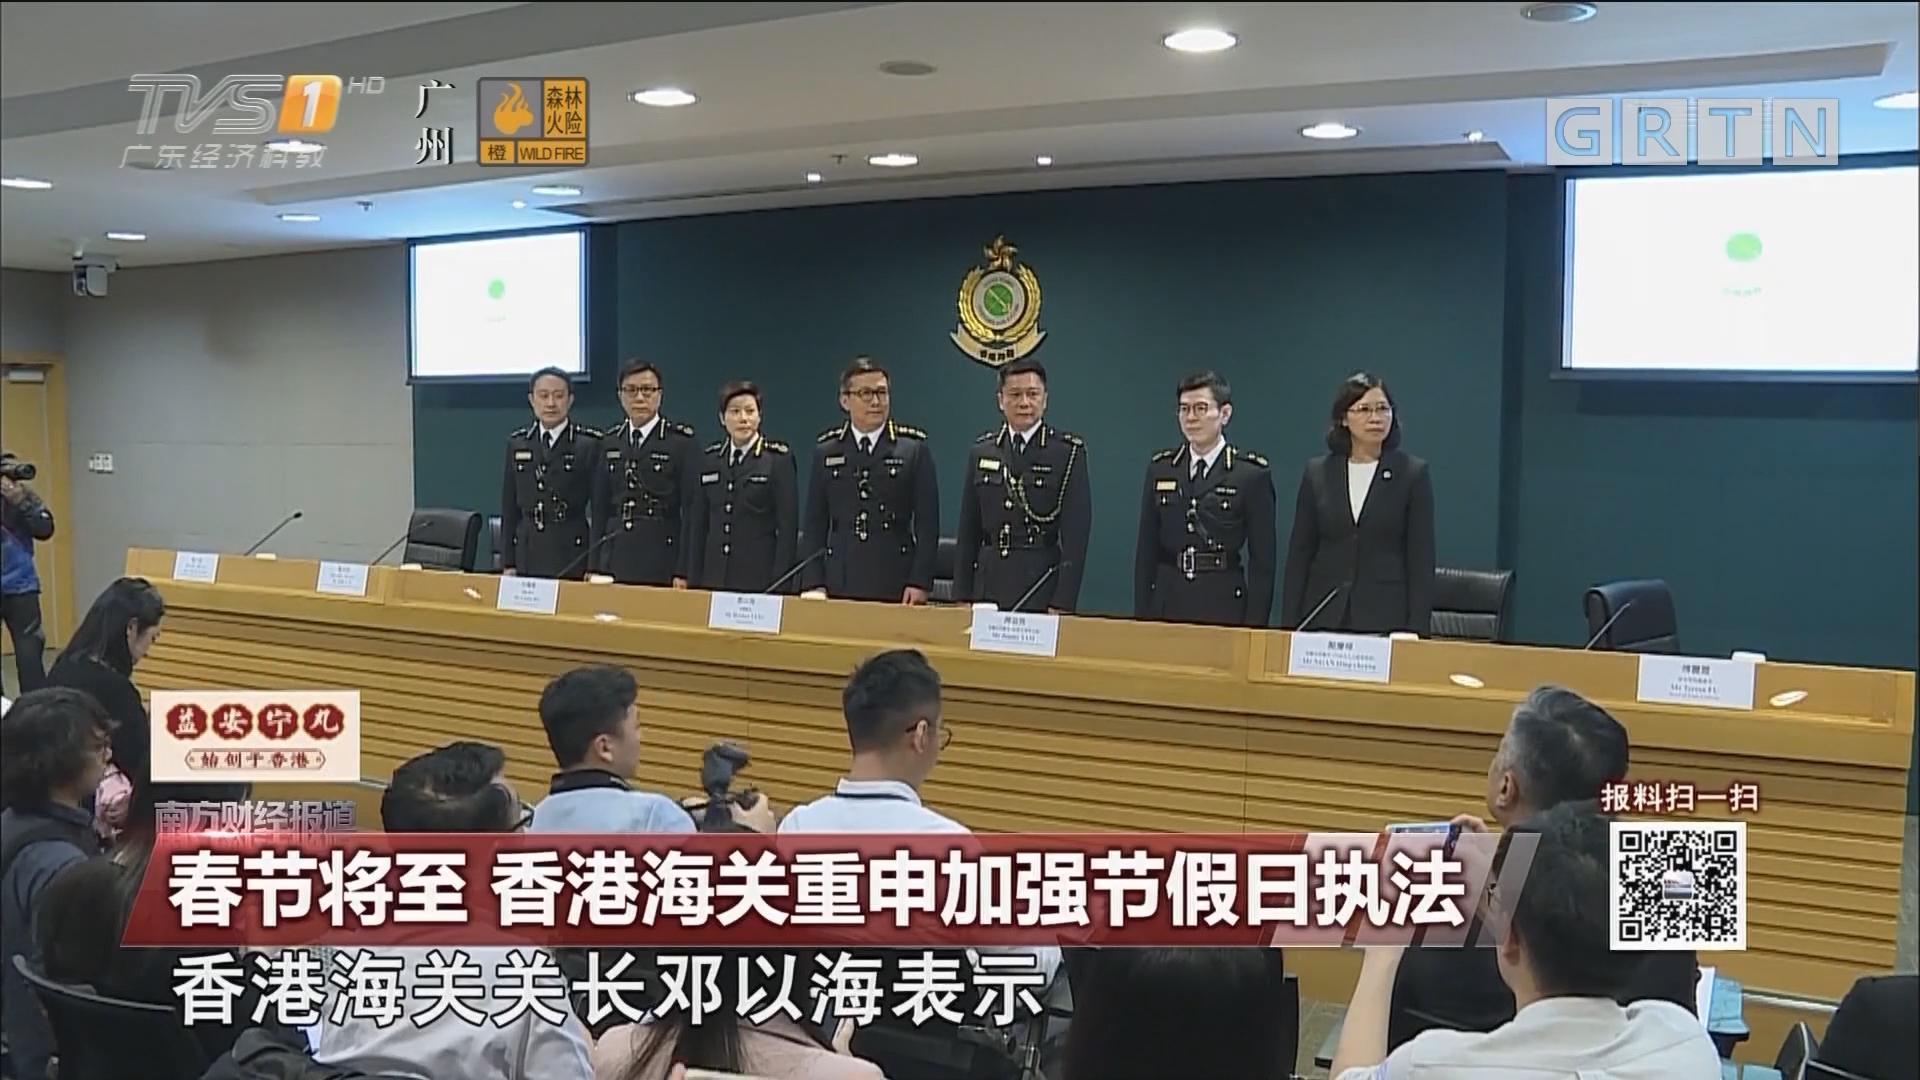 春节将至 香港海关重申加强节假日执法